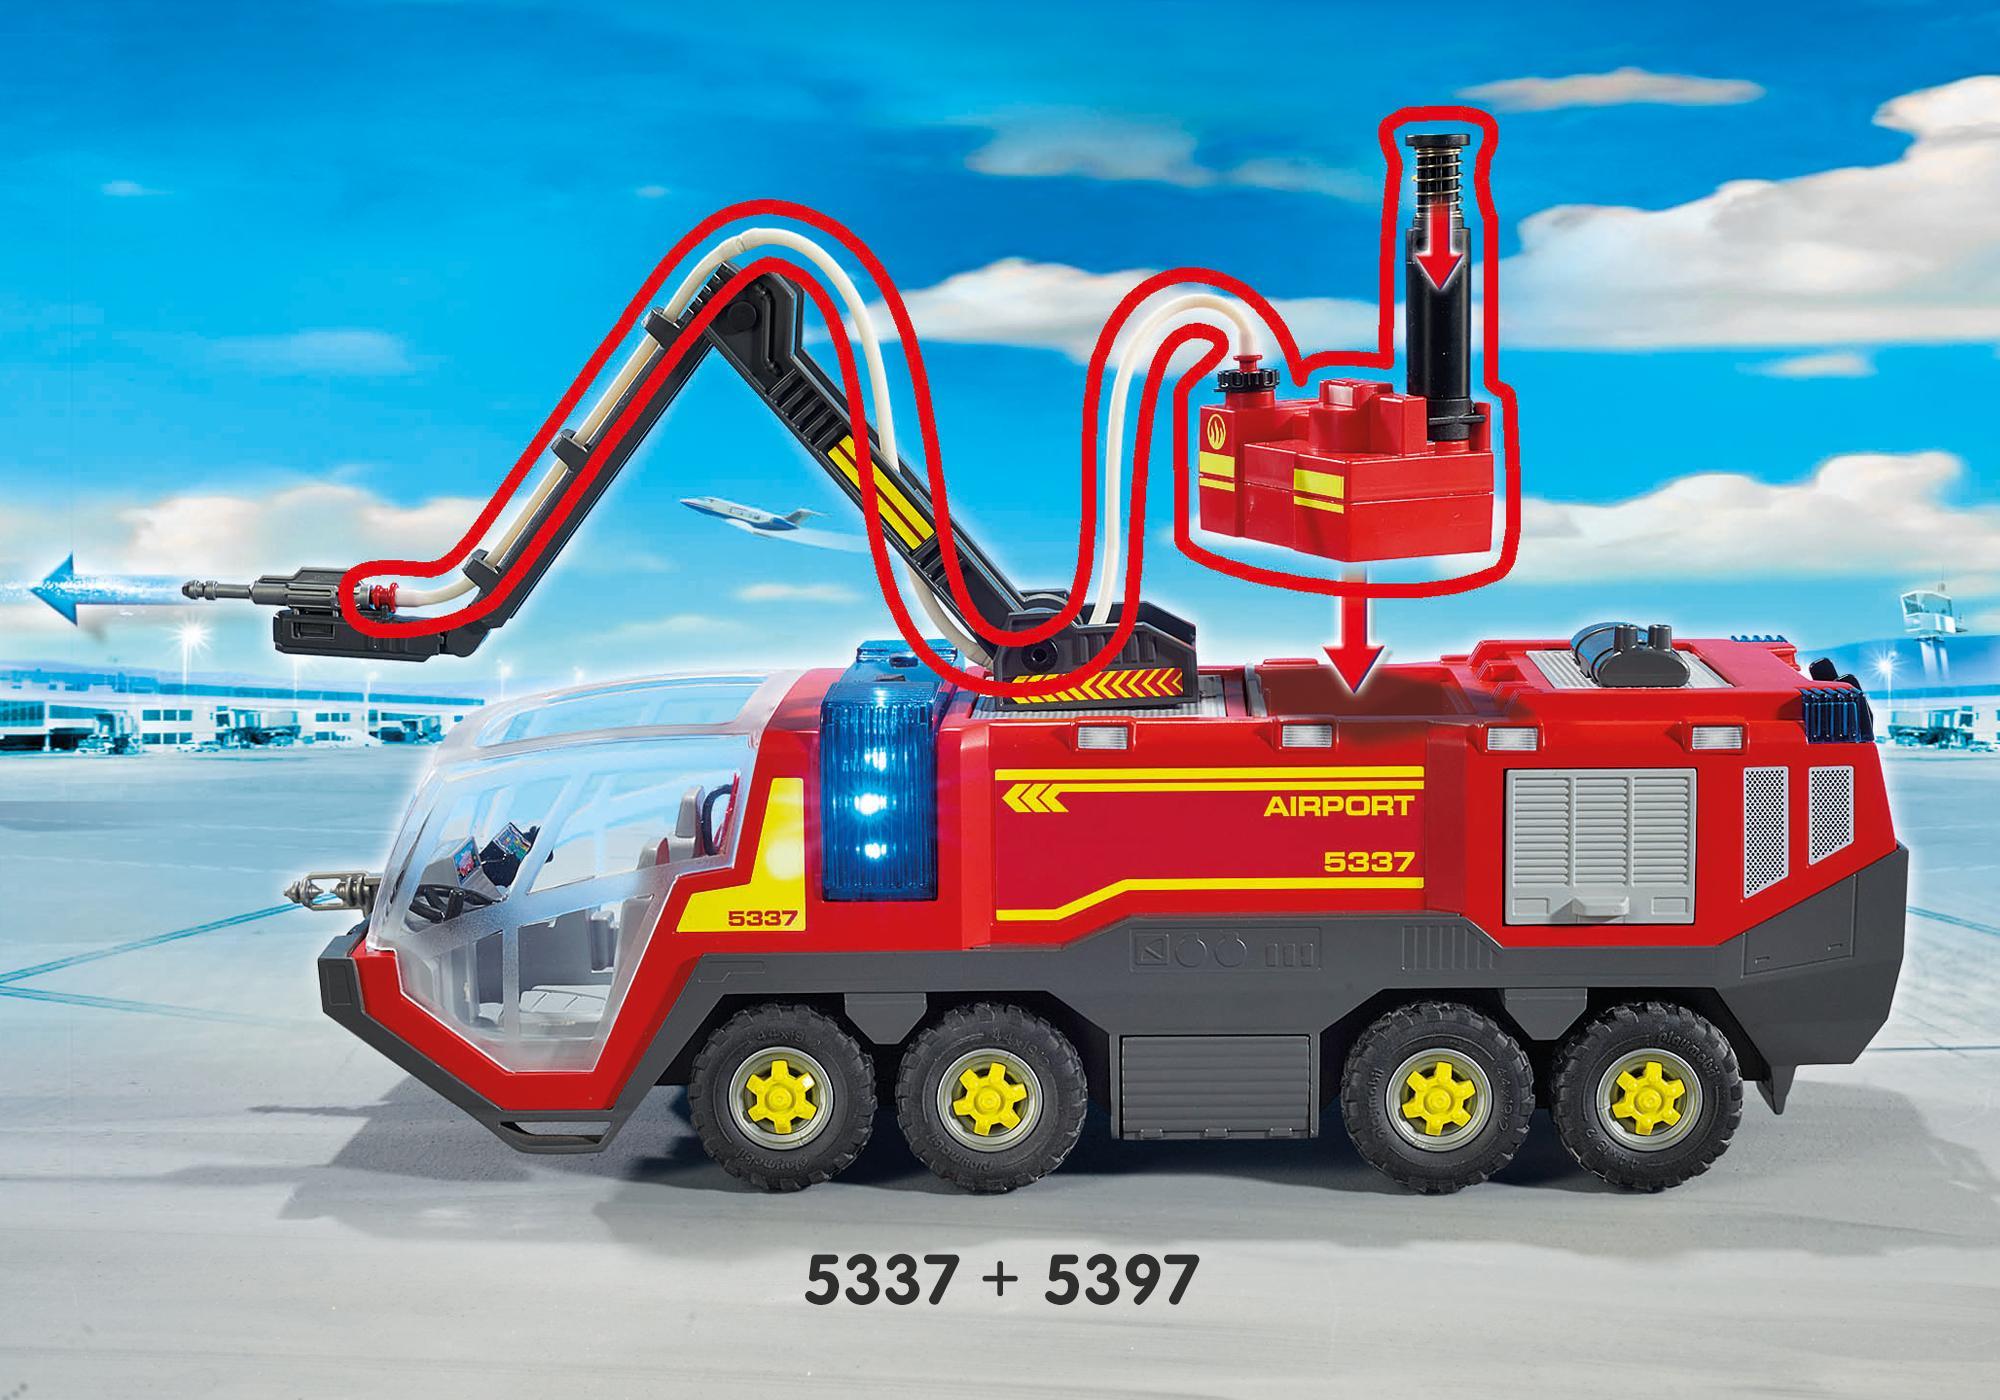 http://media.playmobil.com/i/playmobil/5337_product_extra5/Lufthavnsbrandbil med lys og lyd